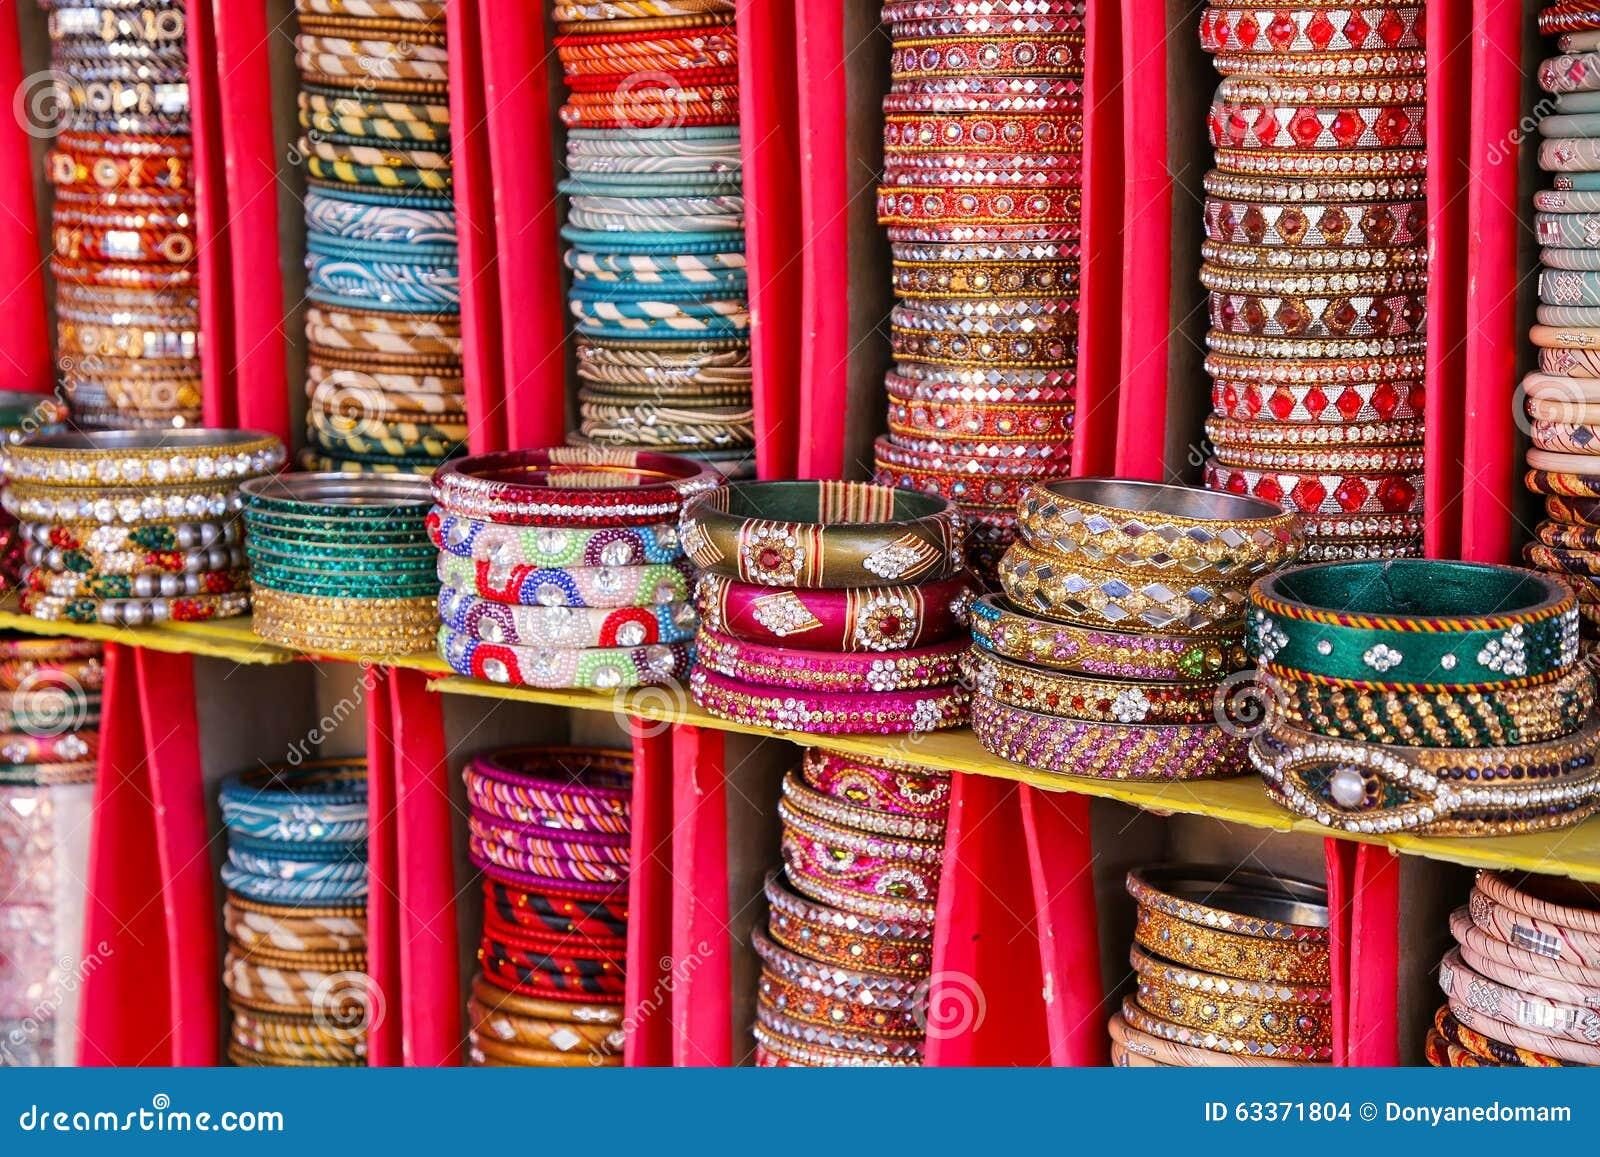 Affichage des bangels color s l 39 int rieur du palais de for A l interieur de l oreille